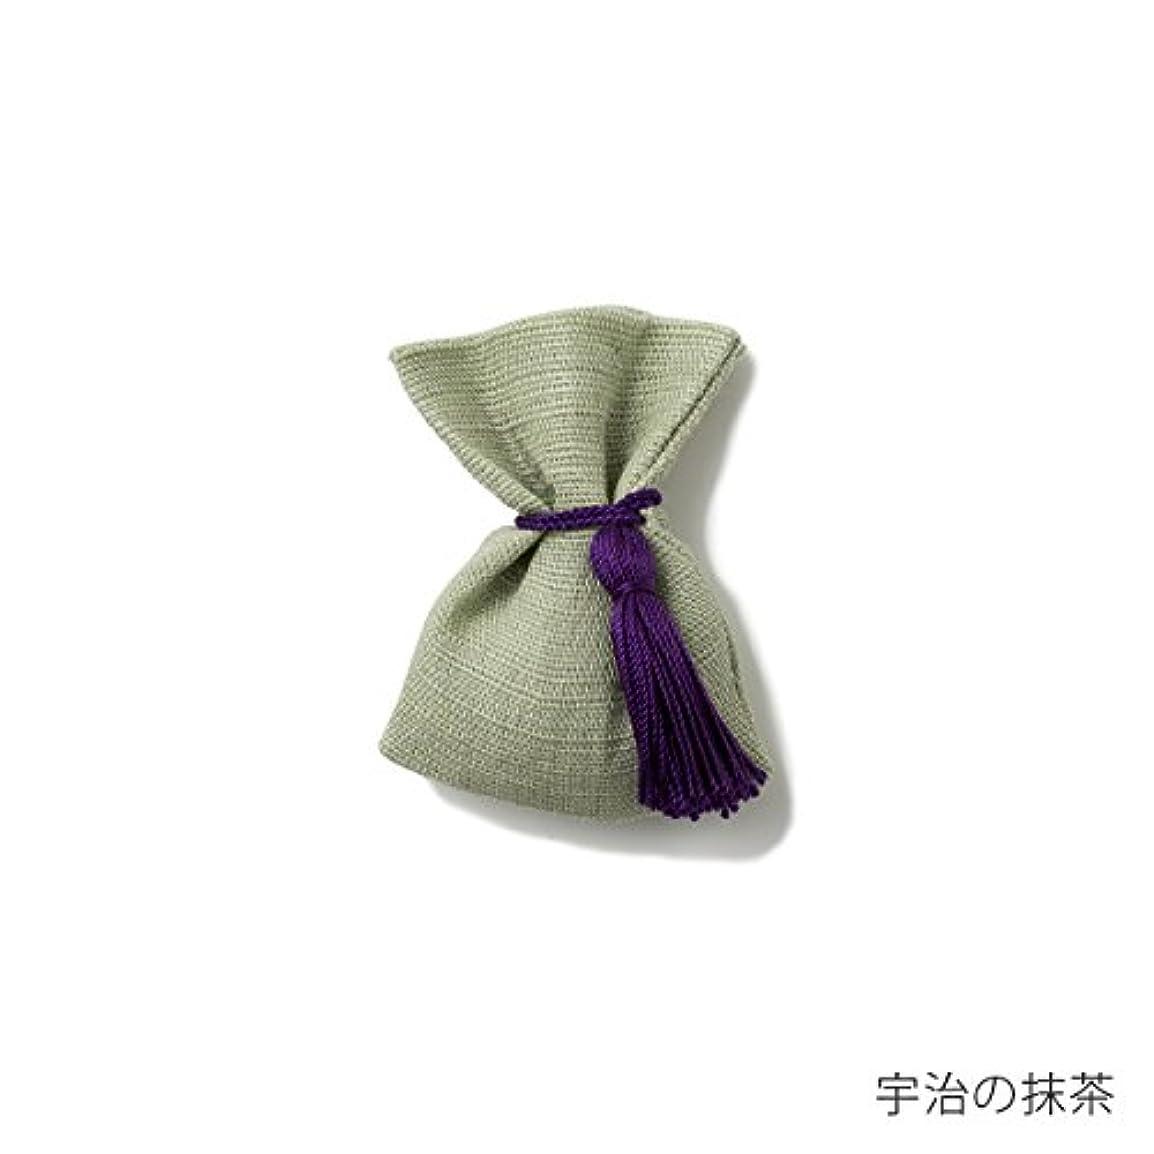 ループ航空機群衆【薫玉堂】 京の香り 香袋 宇治の抹茶